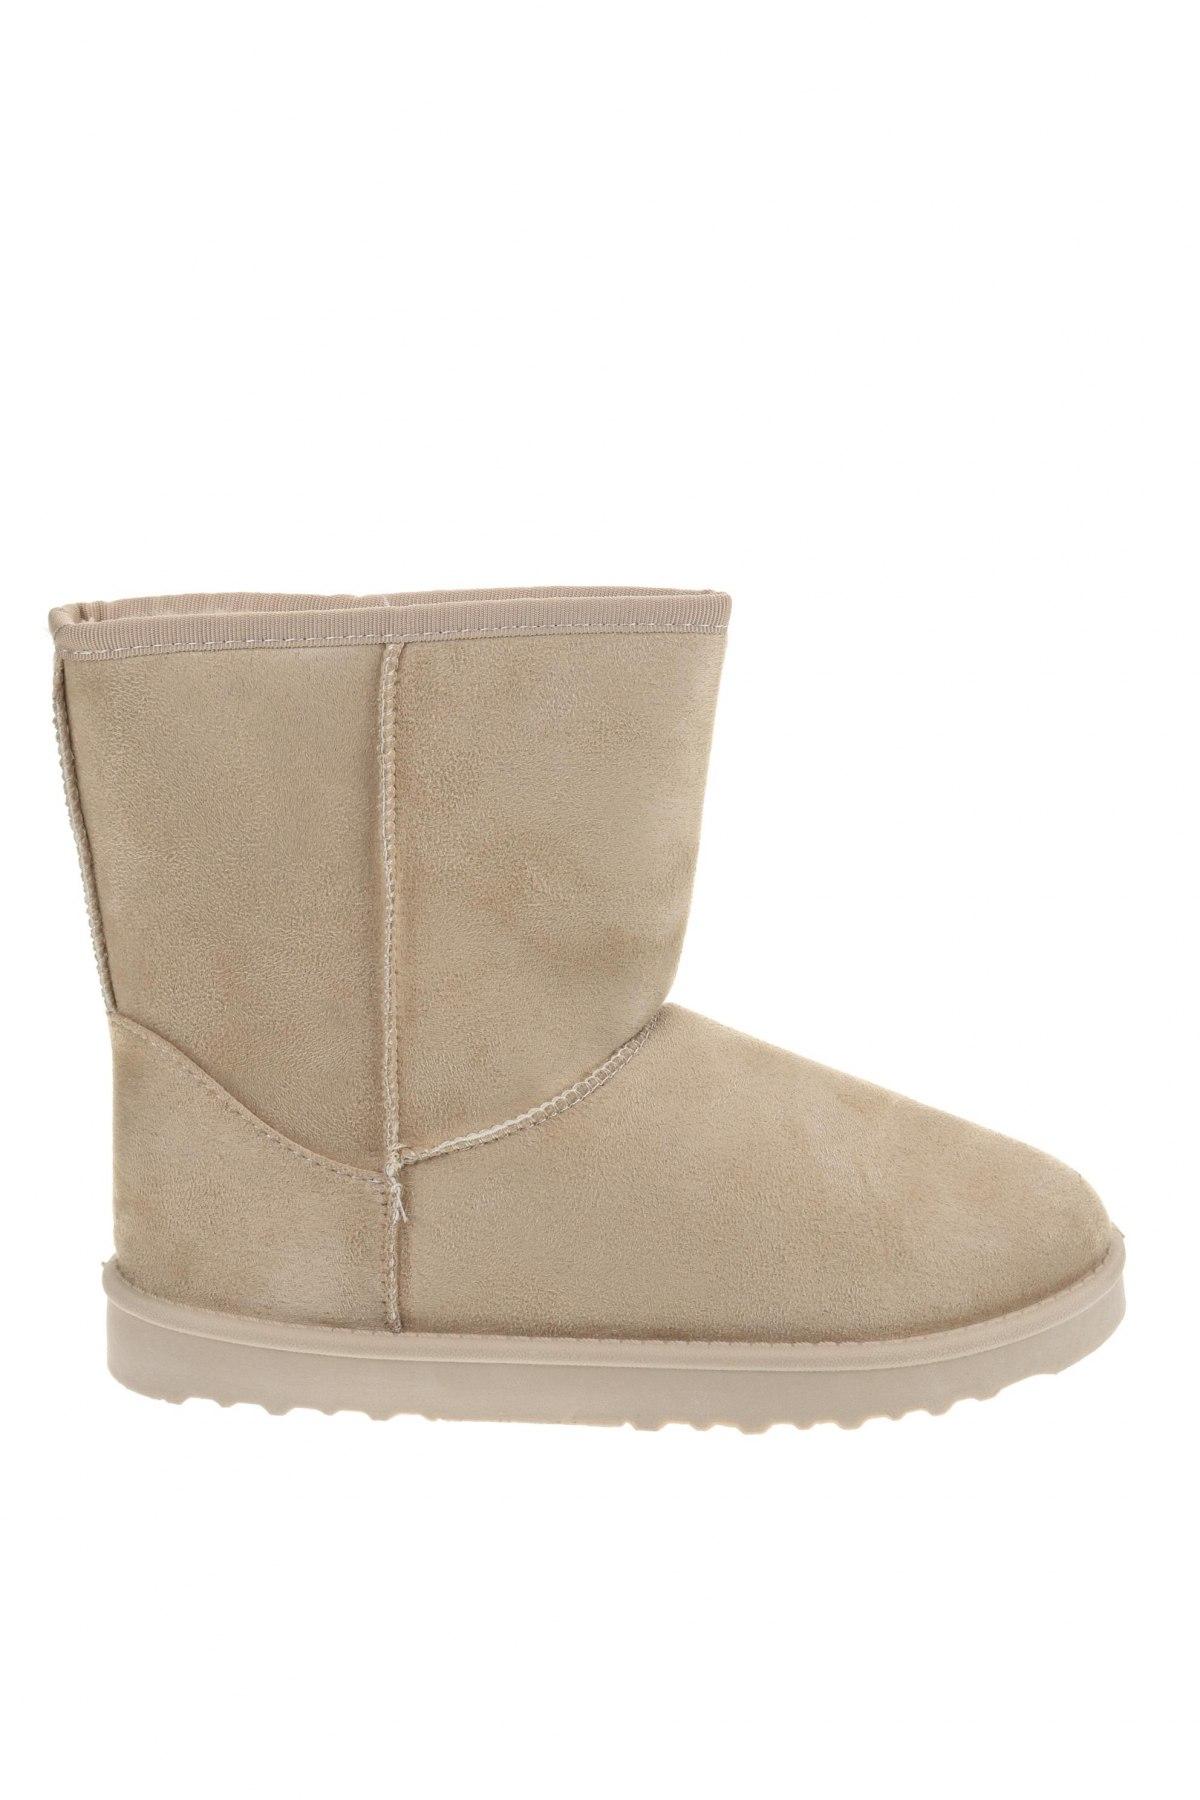 Γυναικείες μπότες Super mode, Μέγεθος 40, Χρώμα  Μπέζ, Κλωστοϋφαντουργικά προϊόντα, Τιμή 34,41€